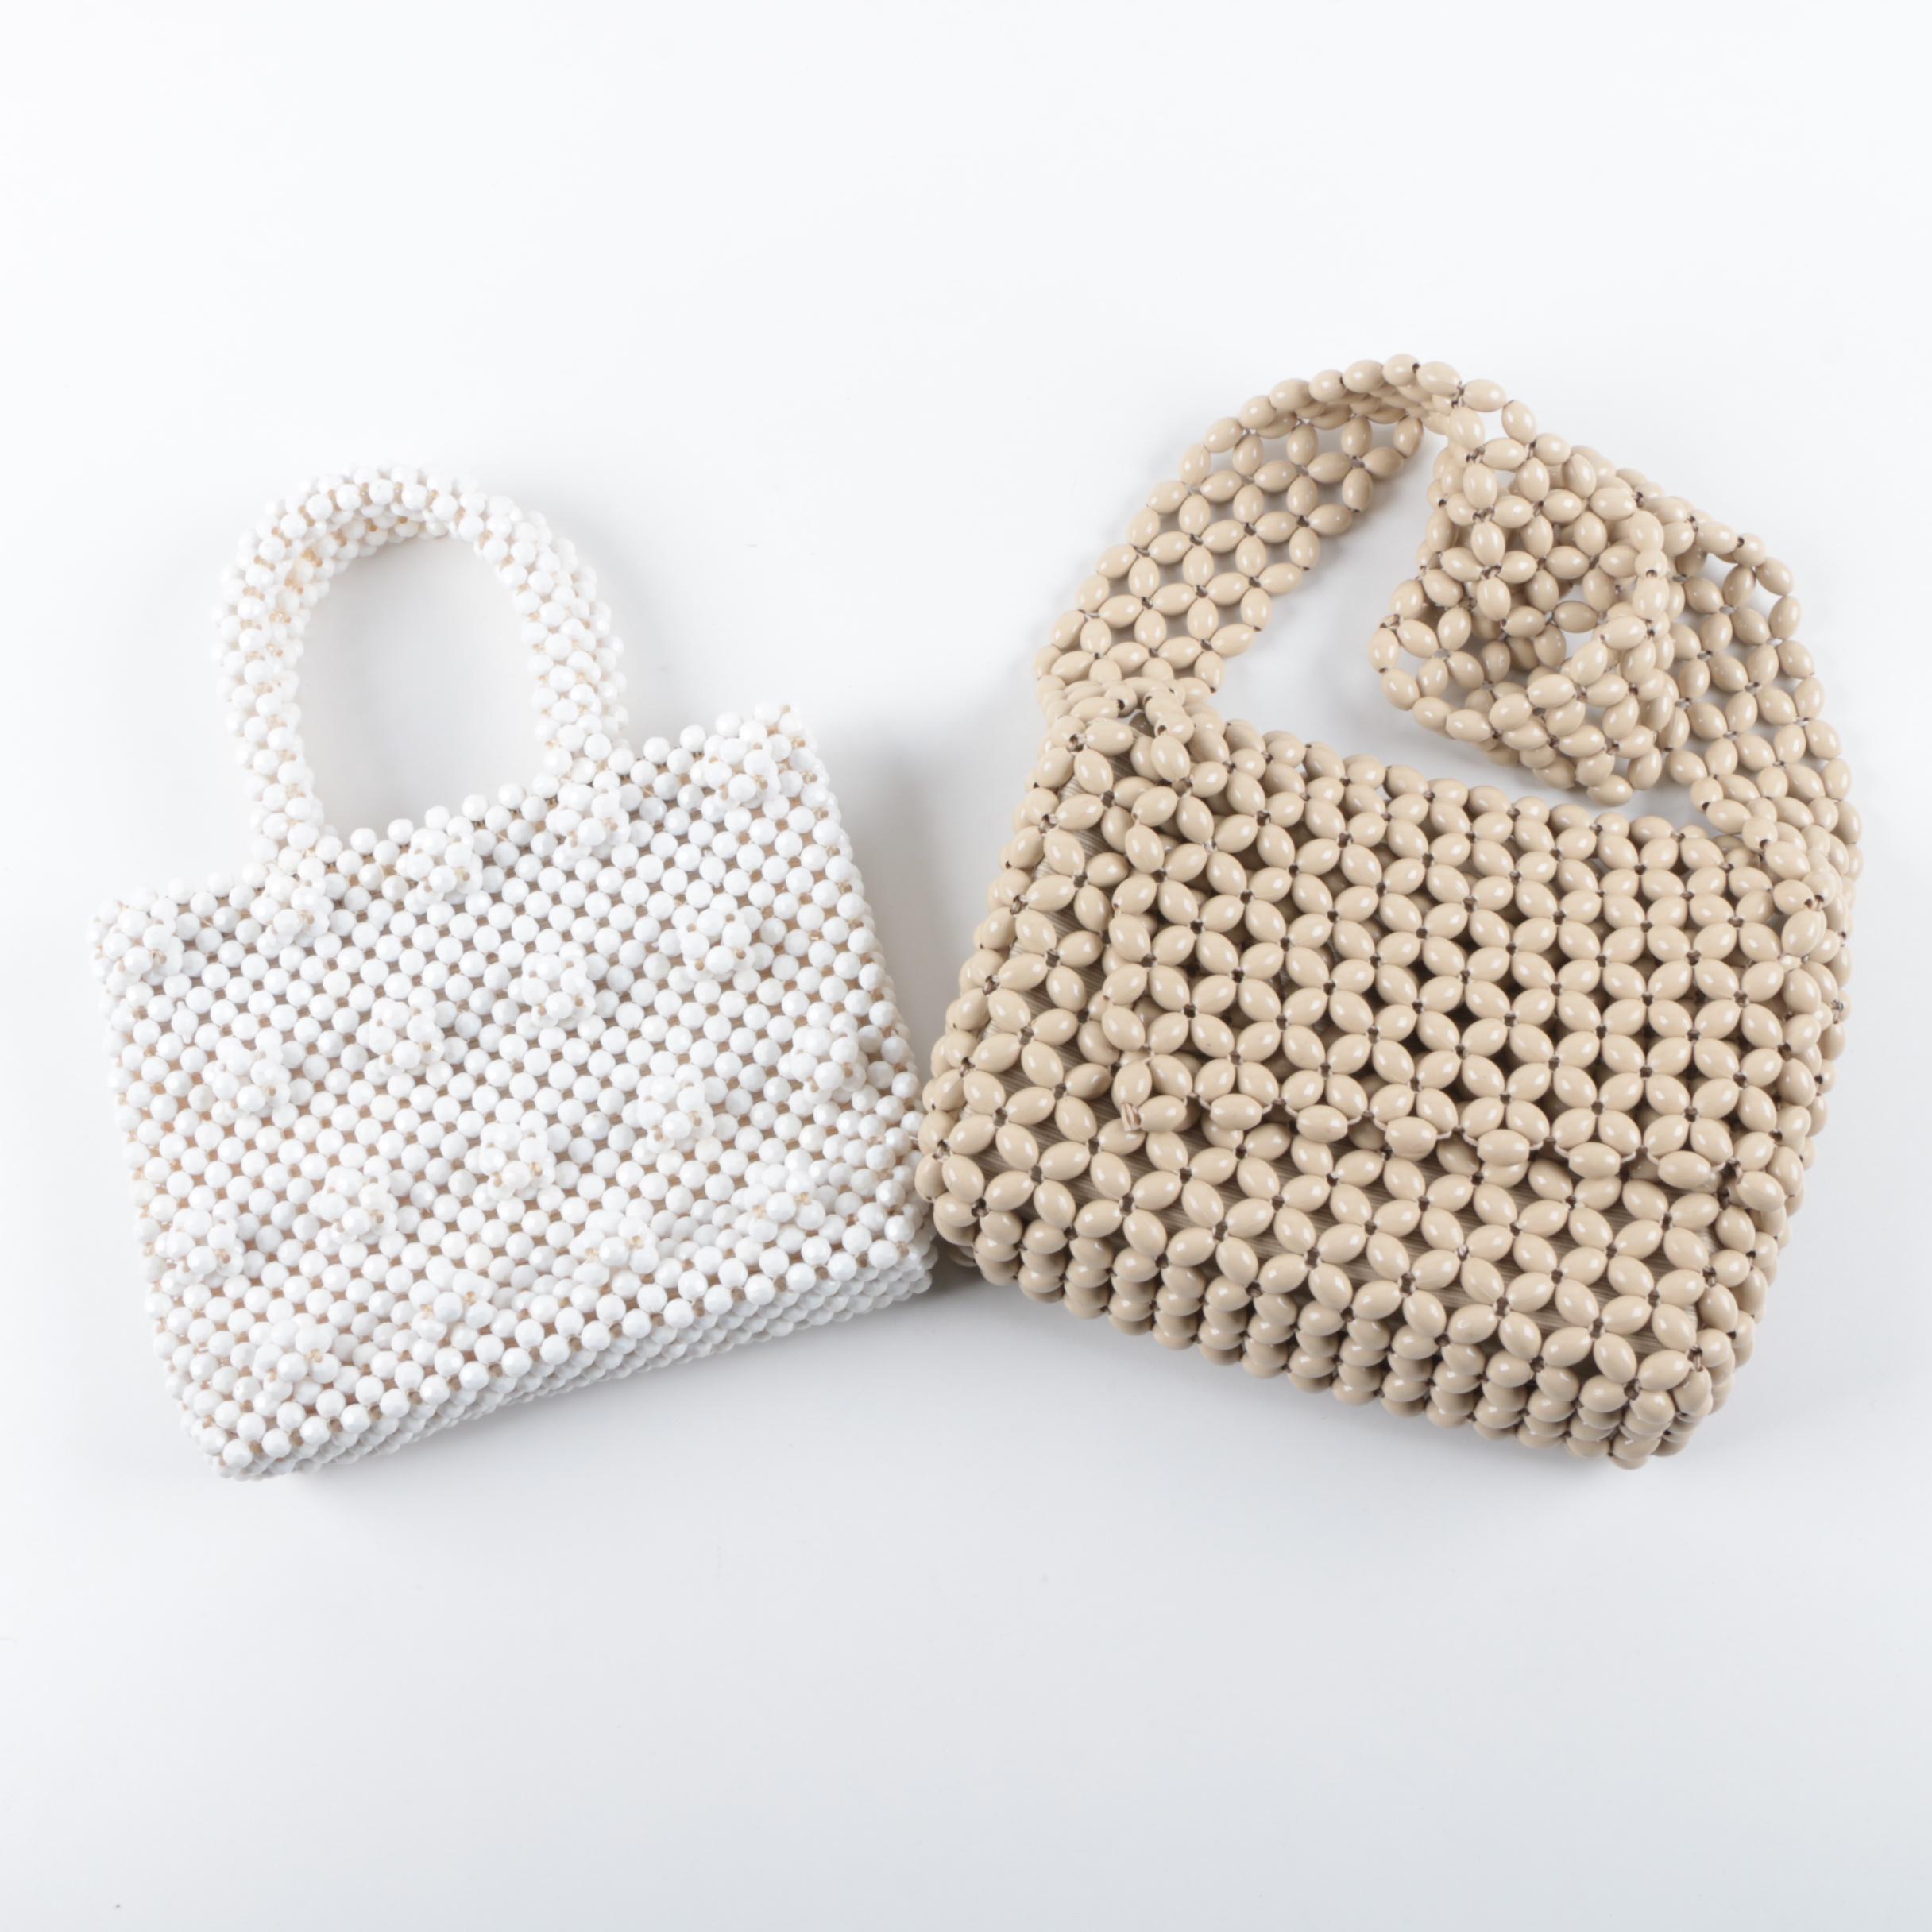 Circa 1960s Italian Hand Beaded Handbags